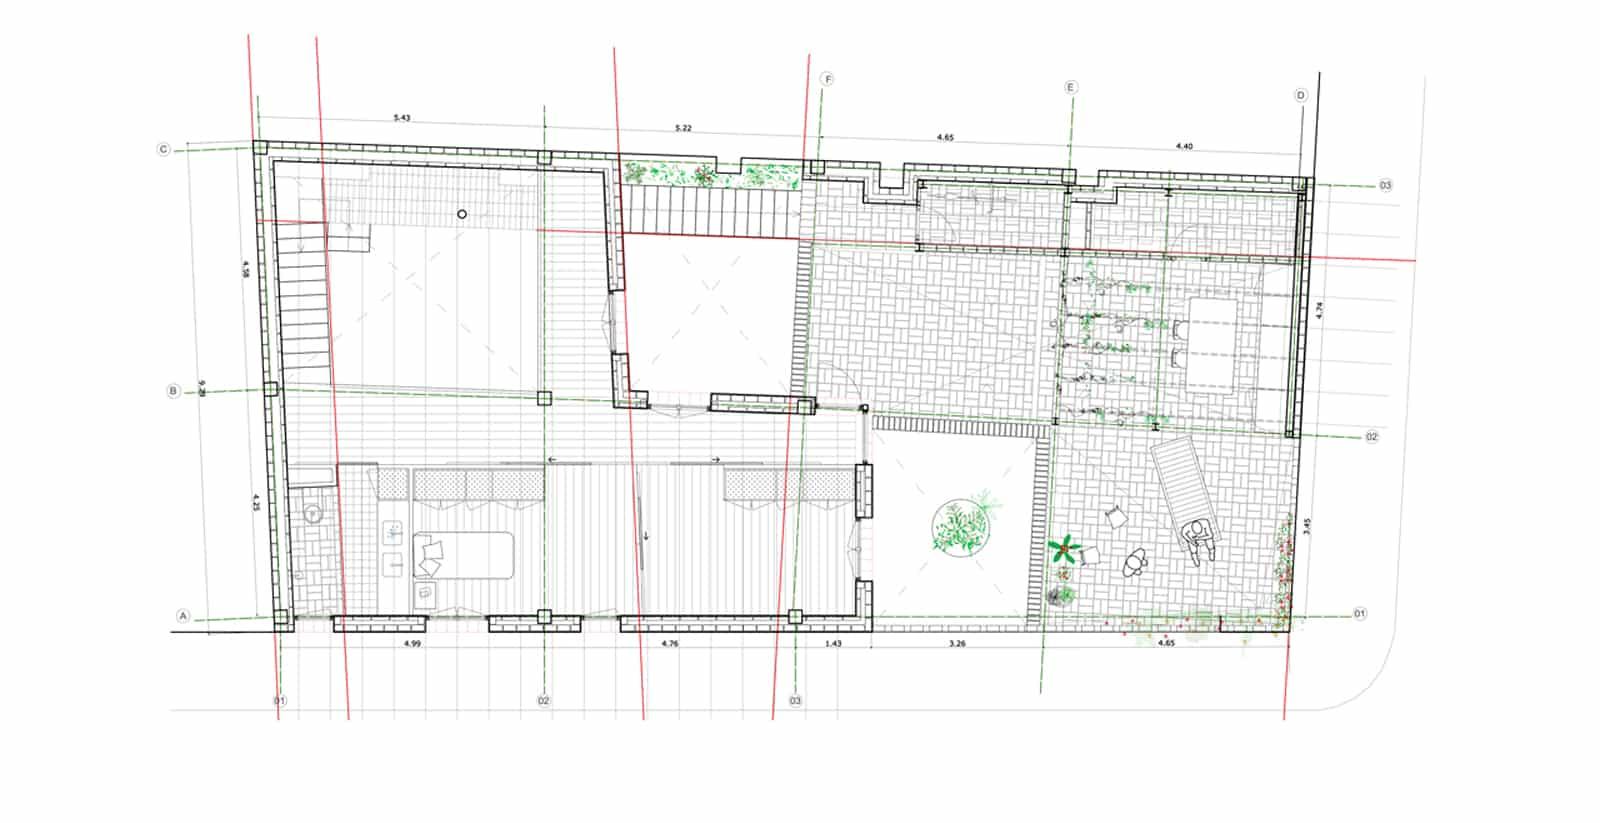 Casa del Cantó  - 20210820 PianoPiano CasadFoio 11.1.2 60